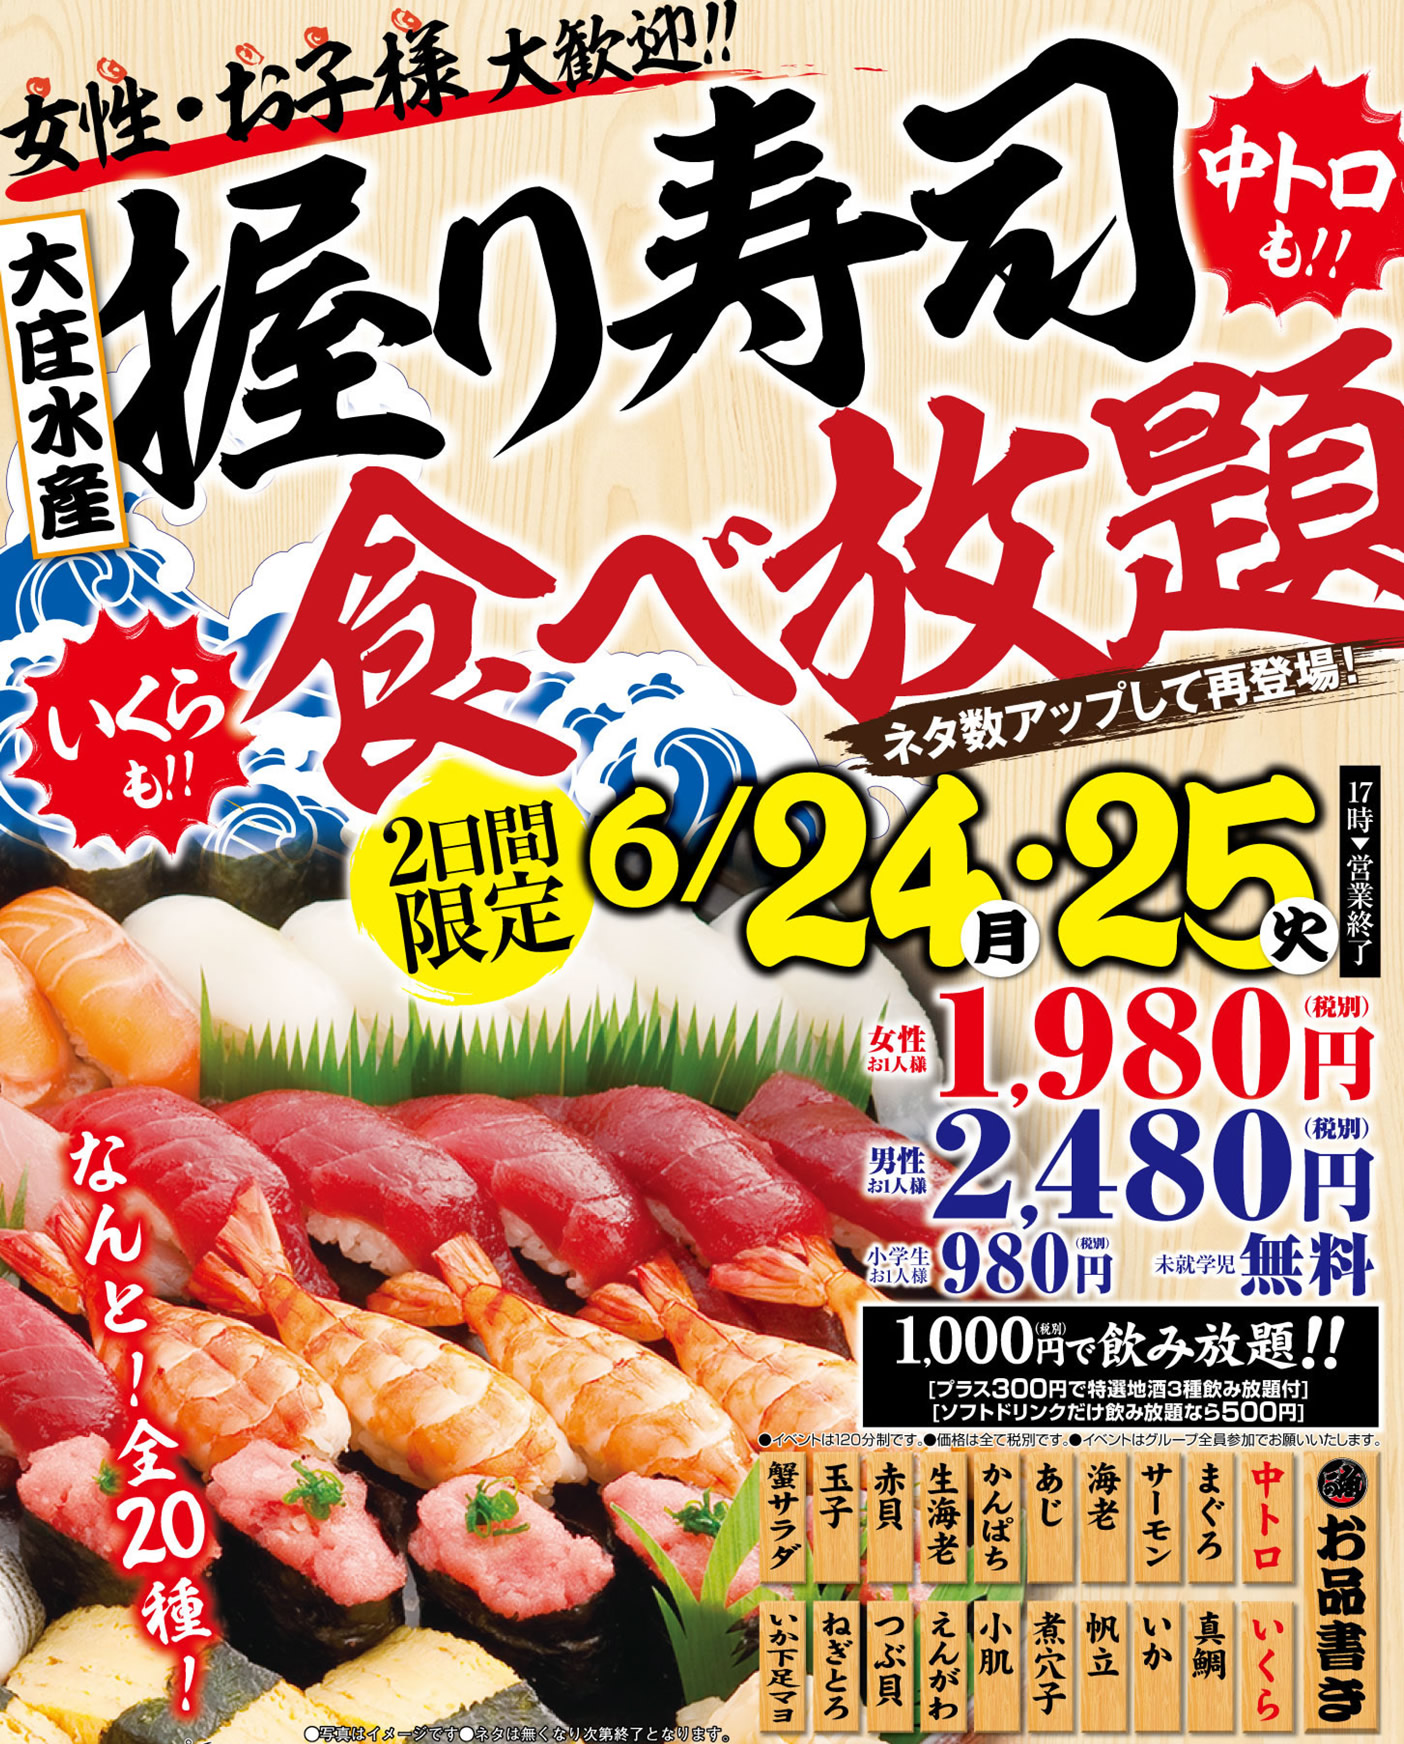 【大庄水産】★握り寿司食べ放題*6月24日(月)・25日(火)!★